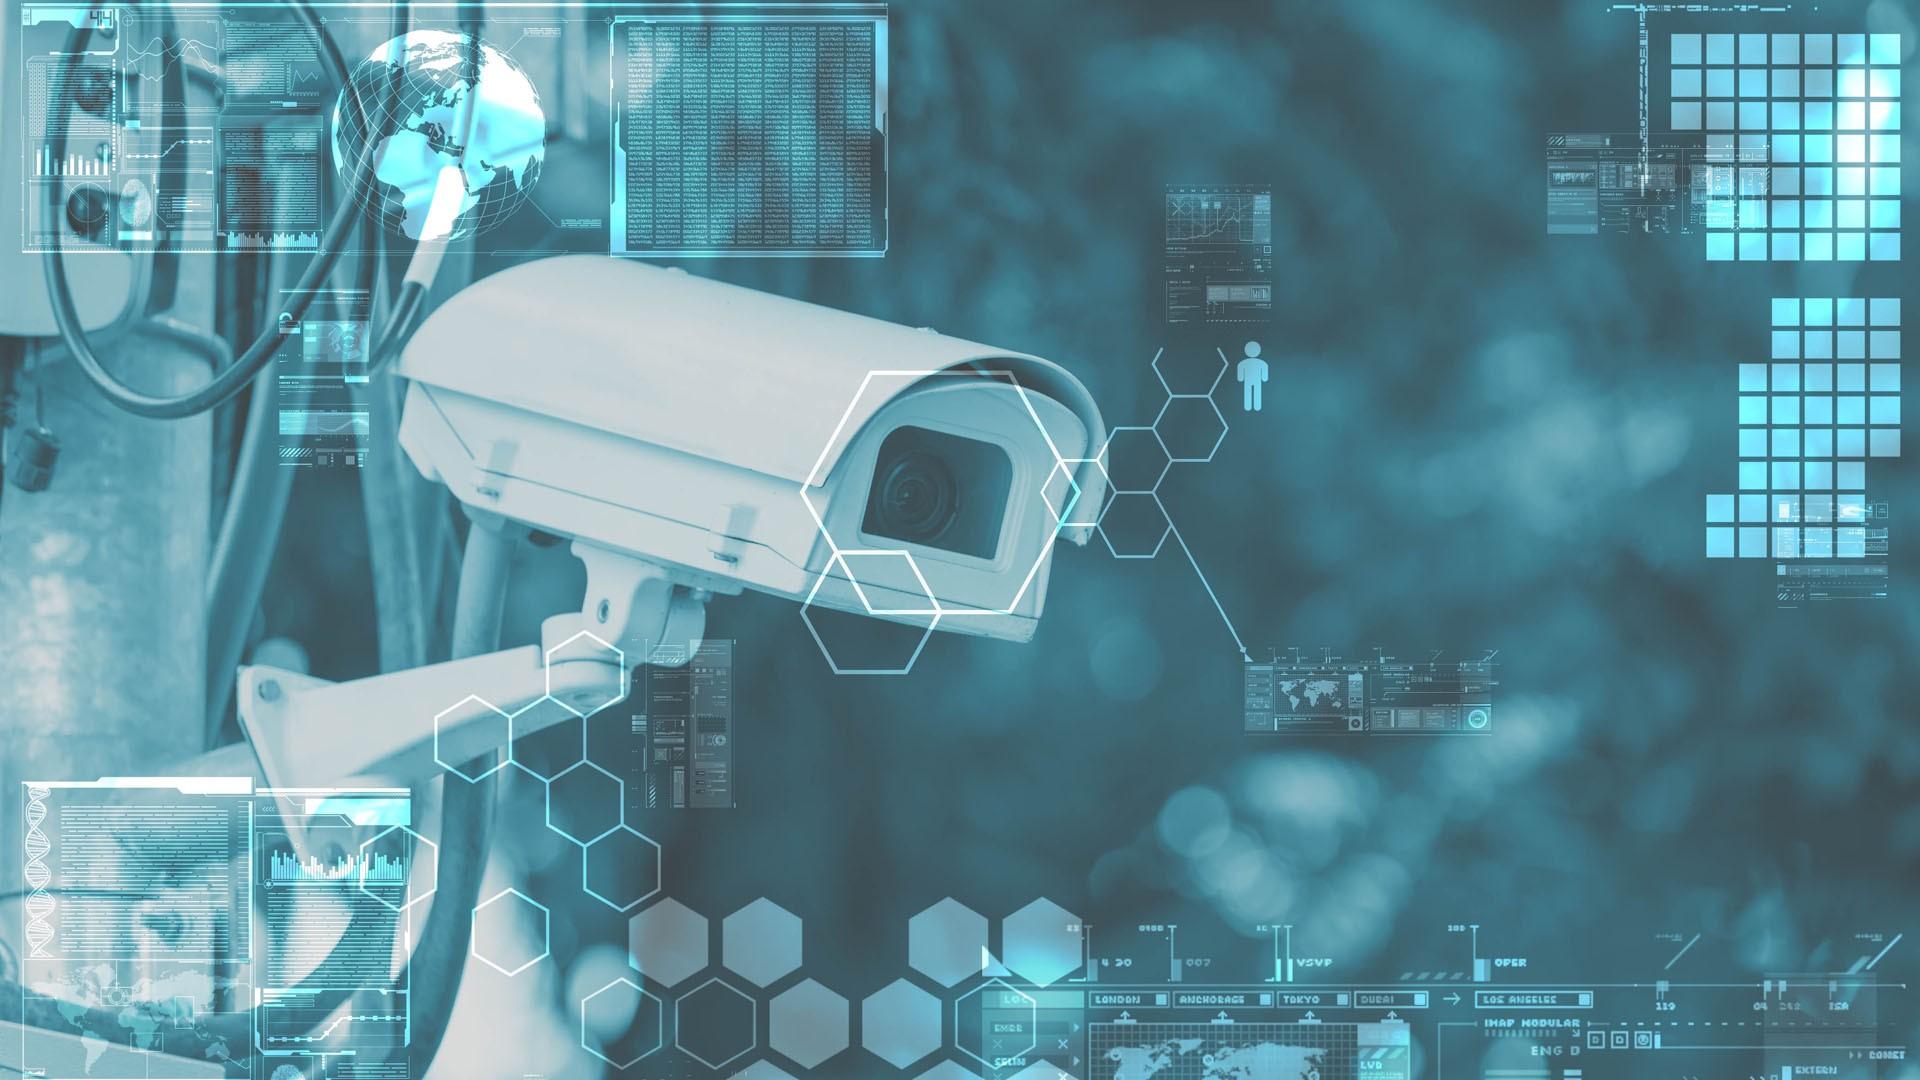 000 videovigilancia camaras seguridad  (6)